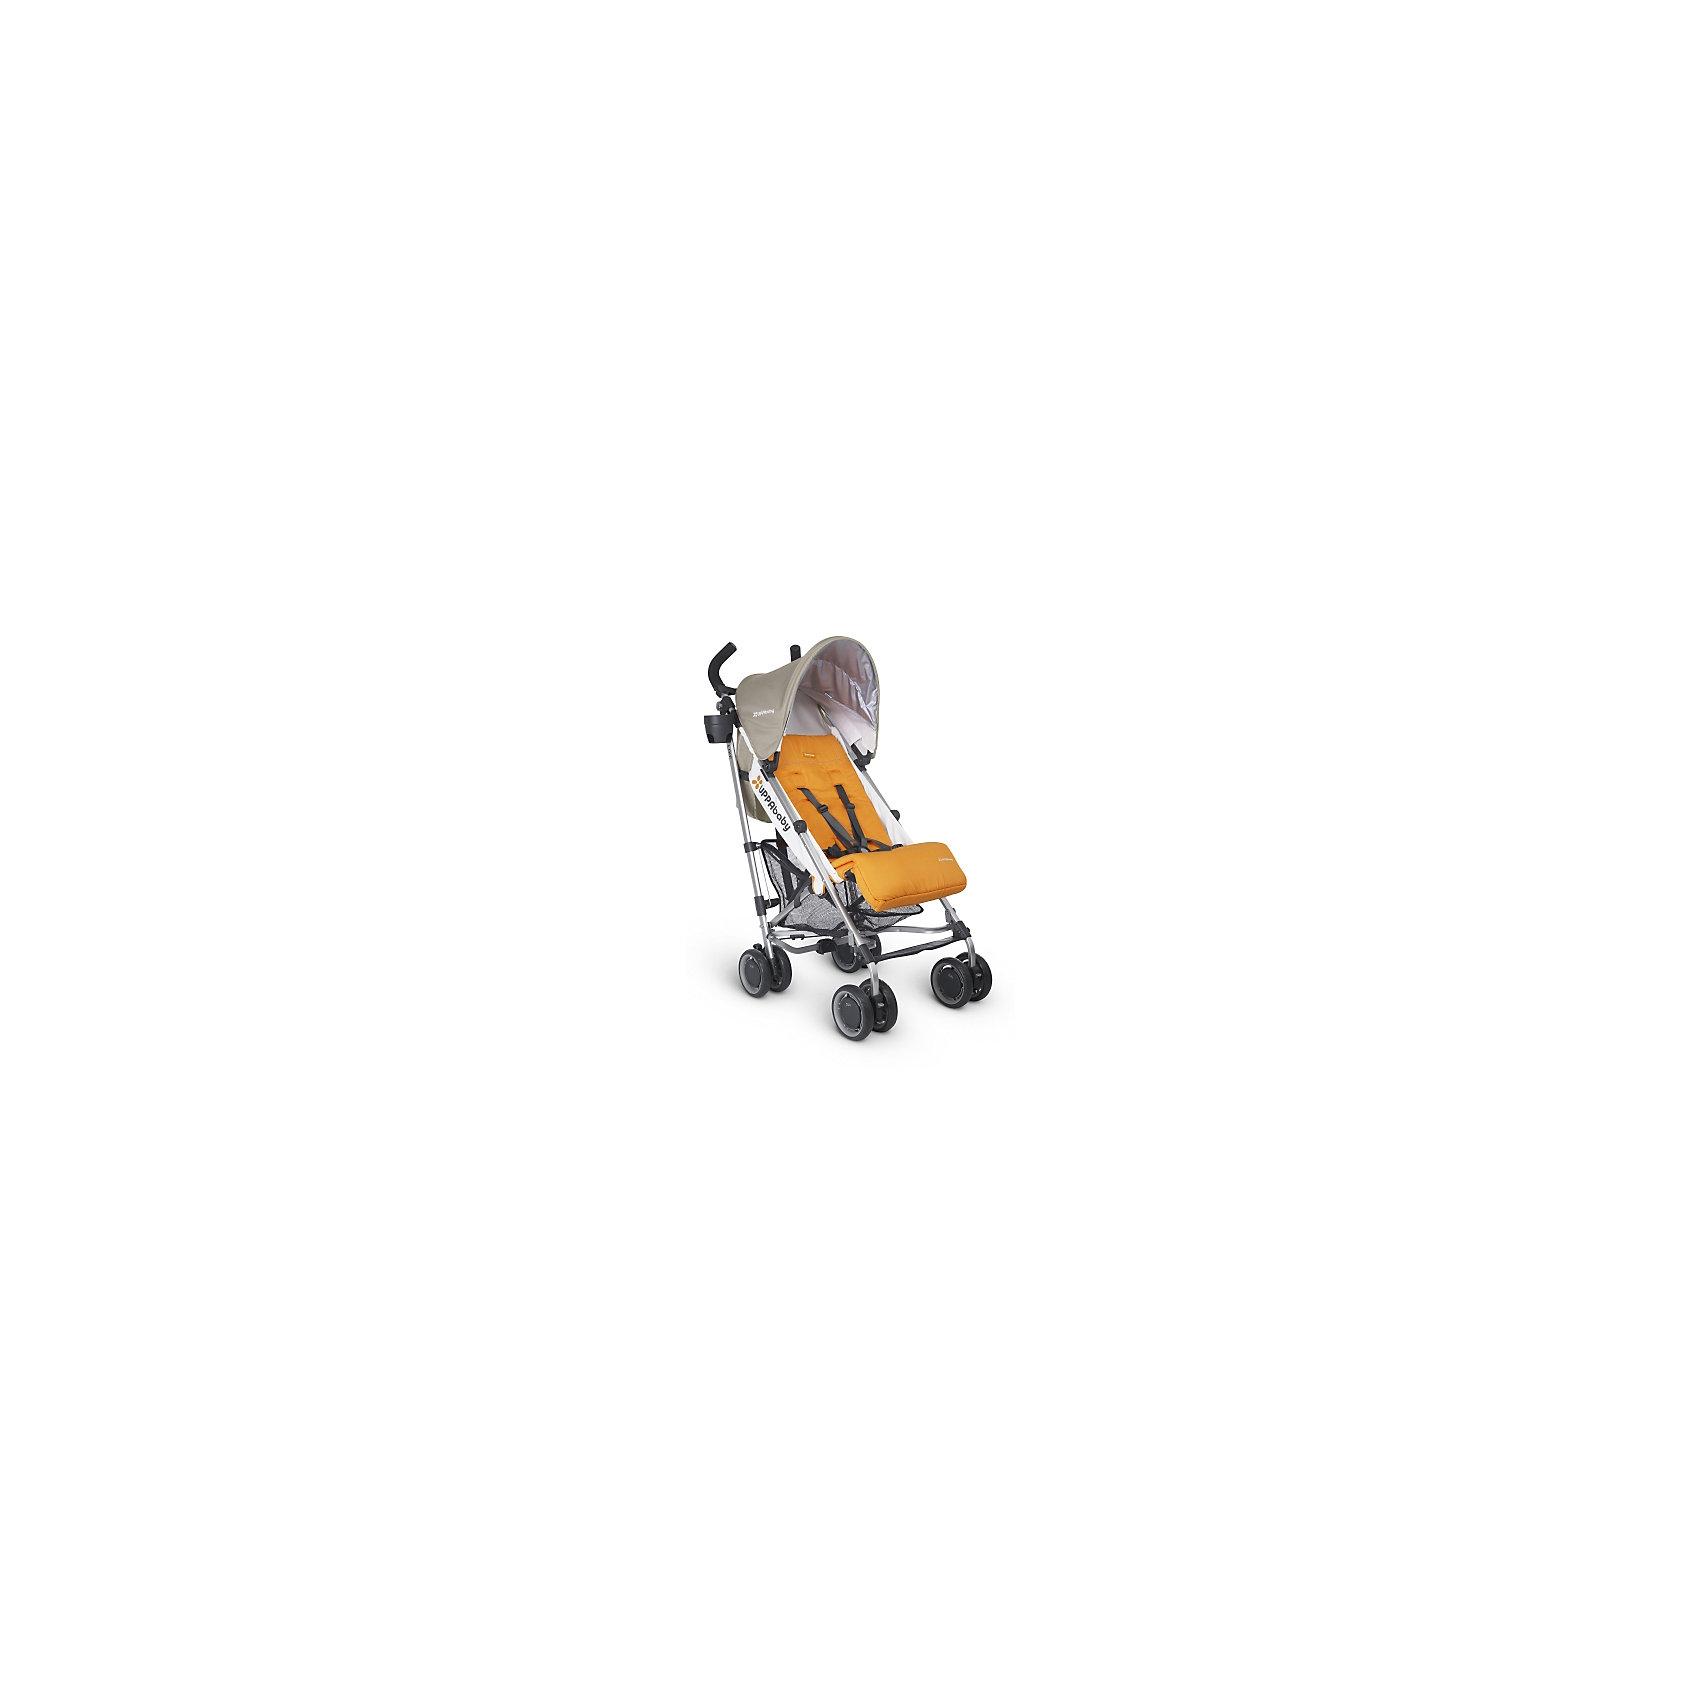 Коляска-трость UPPAbaby G-luxe, оранжевыйКоляски-трости<br>Характеристики товара:<br><br>• возраст от 6 месяцев;<br>• регулируемый наклон спинки в 4 положениях;<br>• большой капюшон для защиты от непогоды;<br>• дополнительный солнцезащитный козырек на капюшоне с УФ-защитой;<br>• регулируемая подножка;<br>• мягкий съемный внутренний матрасик на сидении из влагонепроницаемого материала;<br>• регулируемые 5-ти точечные ремни безопасности;<br>• подстаканник, который можно крепить с любой стороны;<br>• материал: полиэстер с водоотталкивающей пропиткой.<br><br>Коляска-трость UppaBaby G-Luxe оранжевая — легкая и маневренная коляска, которая отлично подойдет для прогулок по городу, парку, походов в торговый центр, поездок на природу и путешествий. Большой капюшон надежно защитит от дождя, а дополнительный козырек с УФ-защитой спасет от палящего солнца. Спинка и подножка регулируются, что позволяет подобрать для малыша оптимальное положение во время прогулки. Ручки родителей обтянуты противоскользящим материалом. В комплекте удобный ремень для переноски коляски в сложенном виде.<br><br>Шасси коляски:<br><br>• облегченная алюминиевая рама;<br>• тип складывания: трость;<br>• все колеса сдвоенные, передние поворотные с блокировкой;<br>• диаметр колес 15 см;<br>• тип колес: пластиковые;<br>• ширина колесной базы 48 см;<br>• стояночный тормоз-педаль;<br>• пружинные амортизаторы на всех колесах;<br>• вместительная сетчатая корзина для покупок;<br>• максимальная нагрузка на корзину 4,5 кг.<br><br>Размер коляски в разложенном виде 48х84х108 см<br>Размер коляски в сложенном виде 30х108х21,5 см<br>Вес коляски 6,8 кг<br>Размер упаковки 108х41х36 см<br>Вес упаковки 6,8 кг<br><br>Комплектация:<br><br>• прогулочный блок;<br>• подстаканник;<br>• ремень для переноски;<br>• вкладыш;<br>• инструкция.<br><br>Коляску-трость UppaBaby G-Luxe оранжевую можно приобрести в нашем интернет-магазине.<br><br>Ширина мм: 360<br>Глубина мм: 410<br>Высота мм: 1080<br>Вес г: 6000<br>Возраст от месяцев: 0<br>